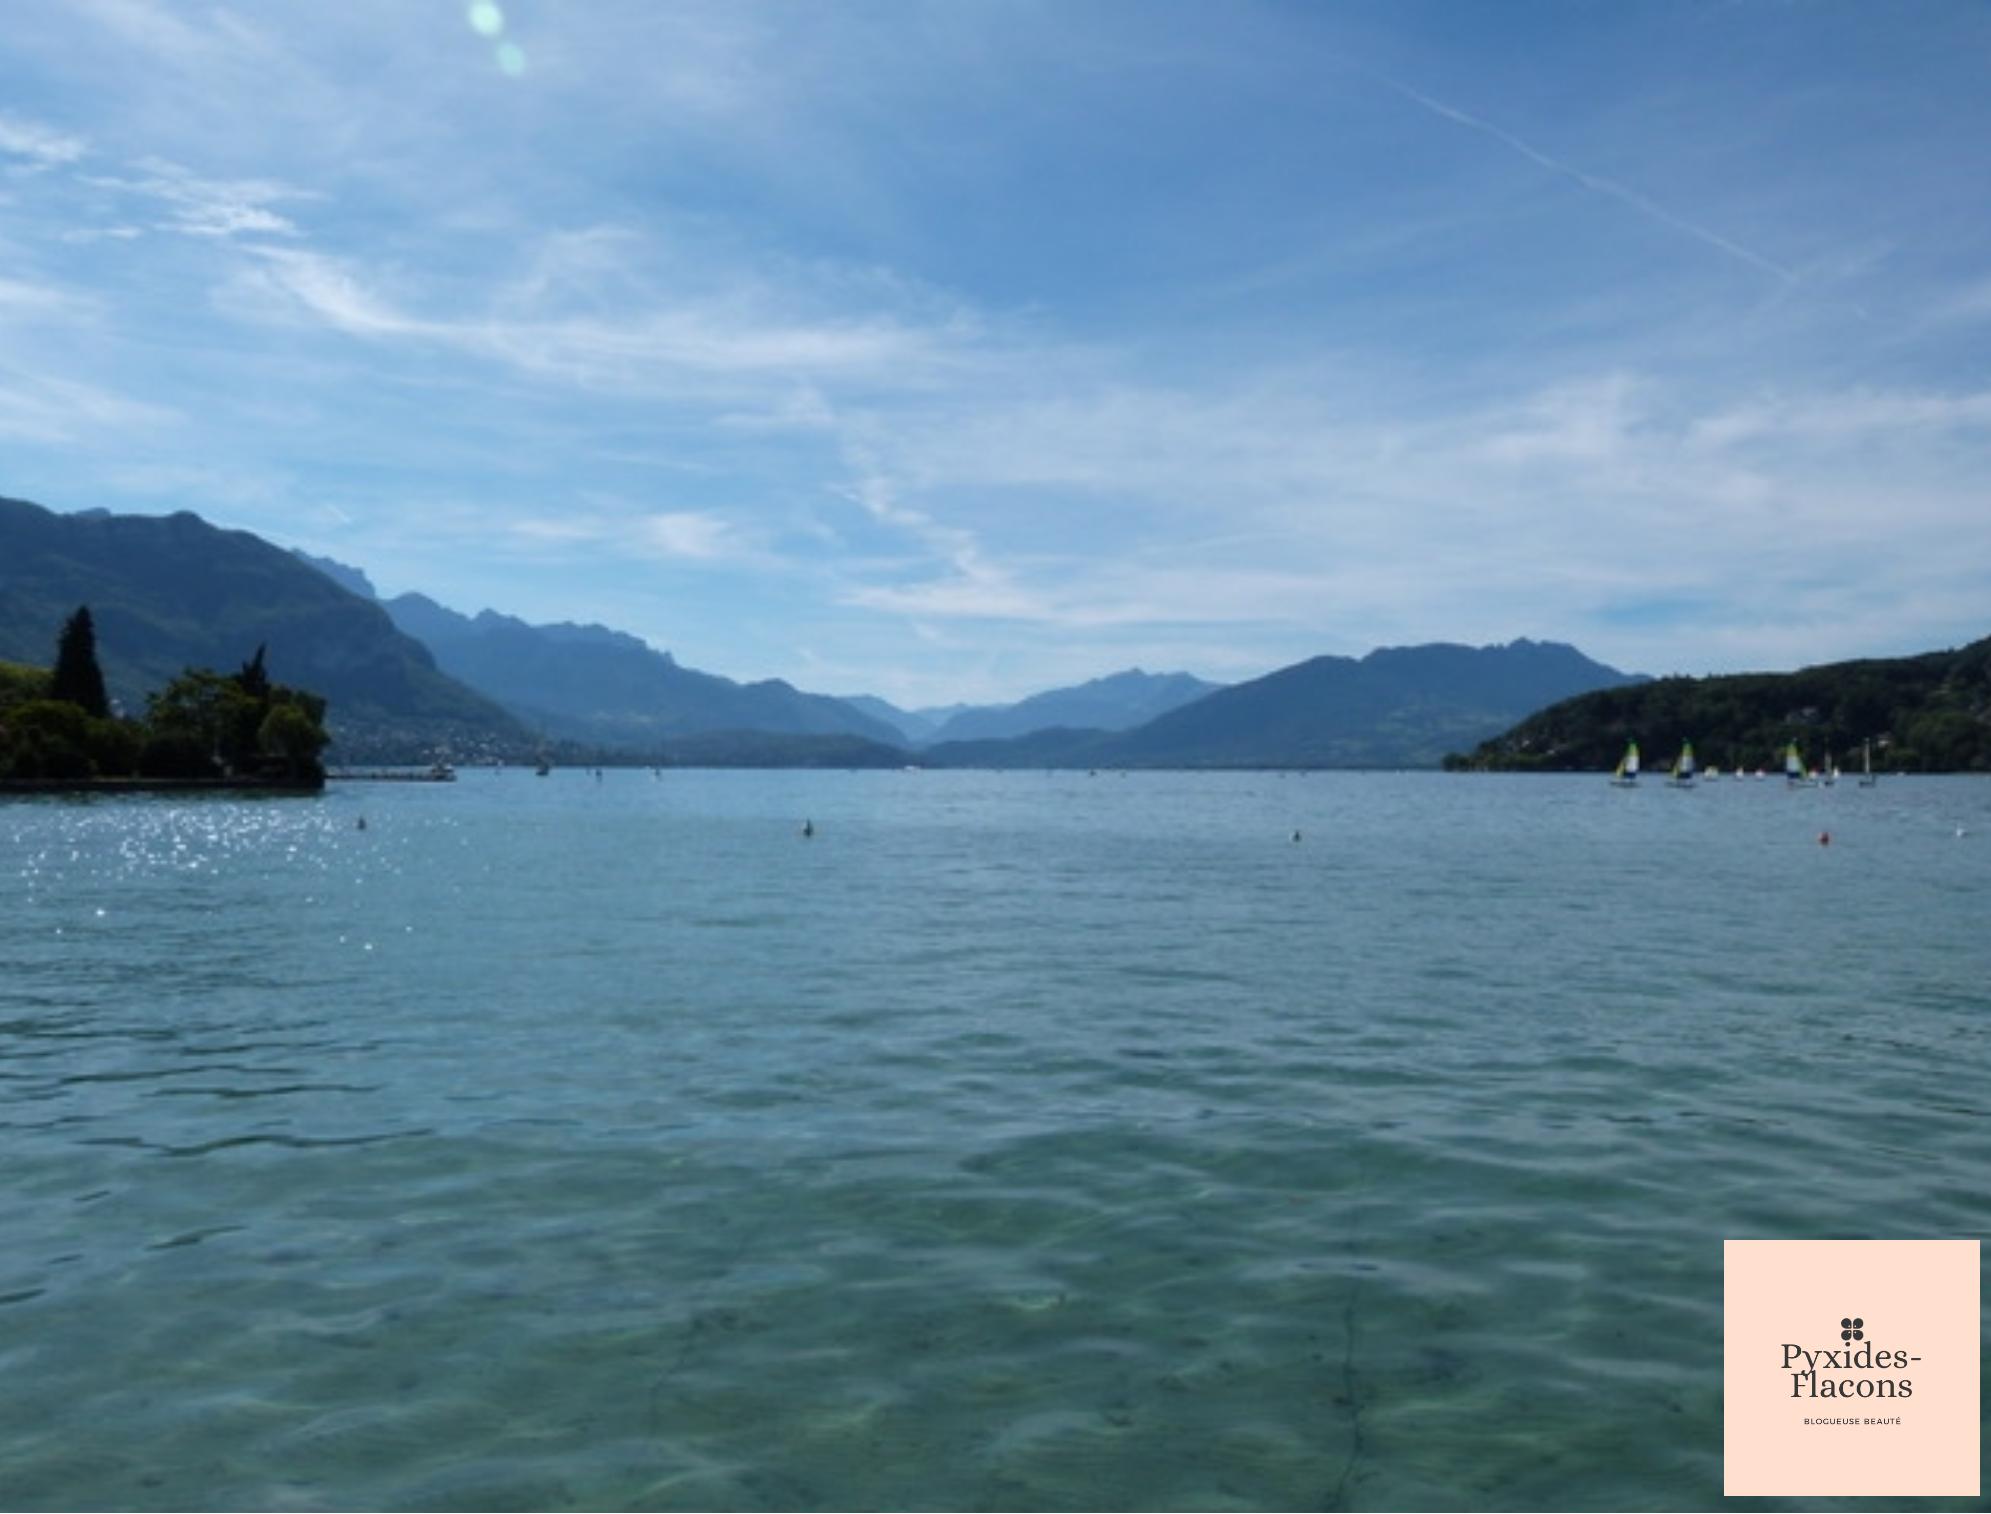 lac annecy pendant les vacances avec moi Pyxides-flacons